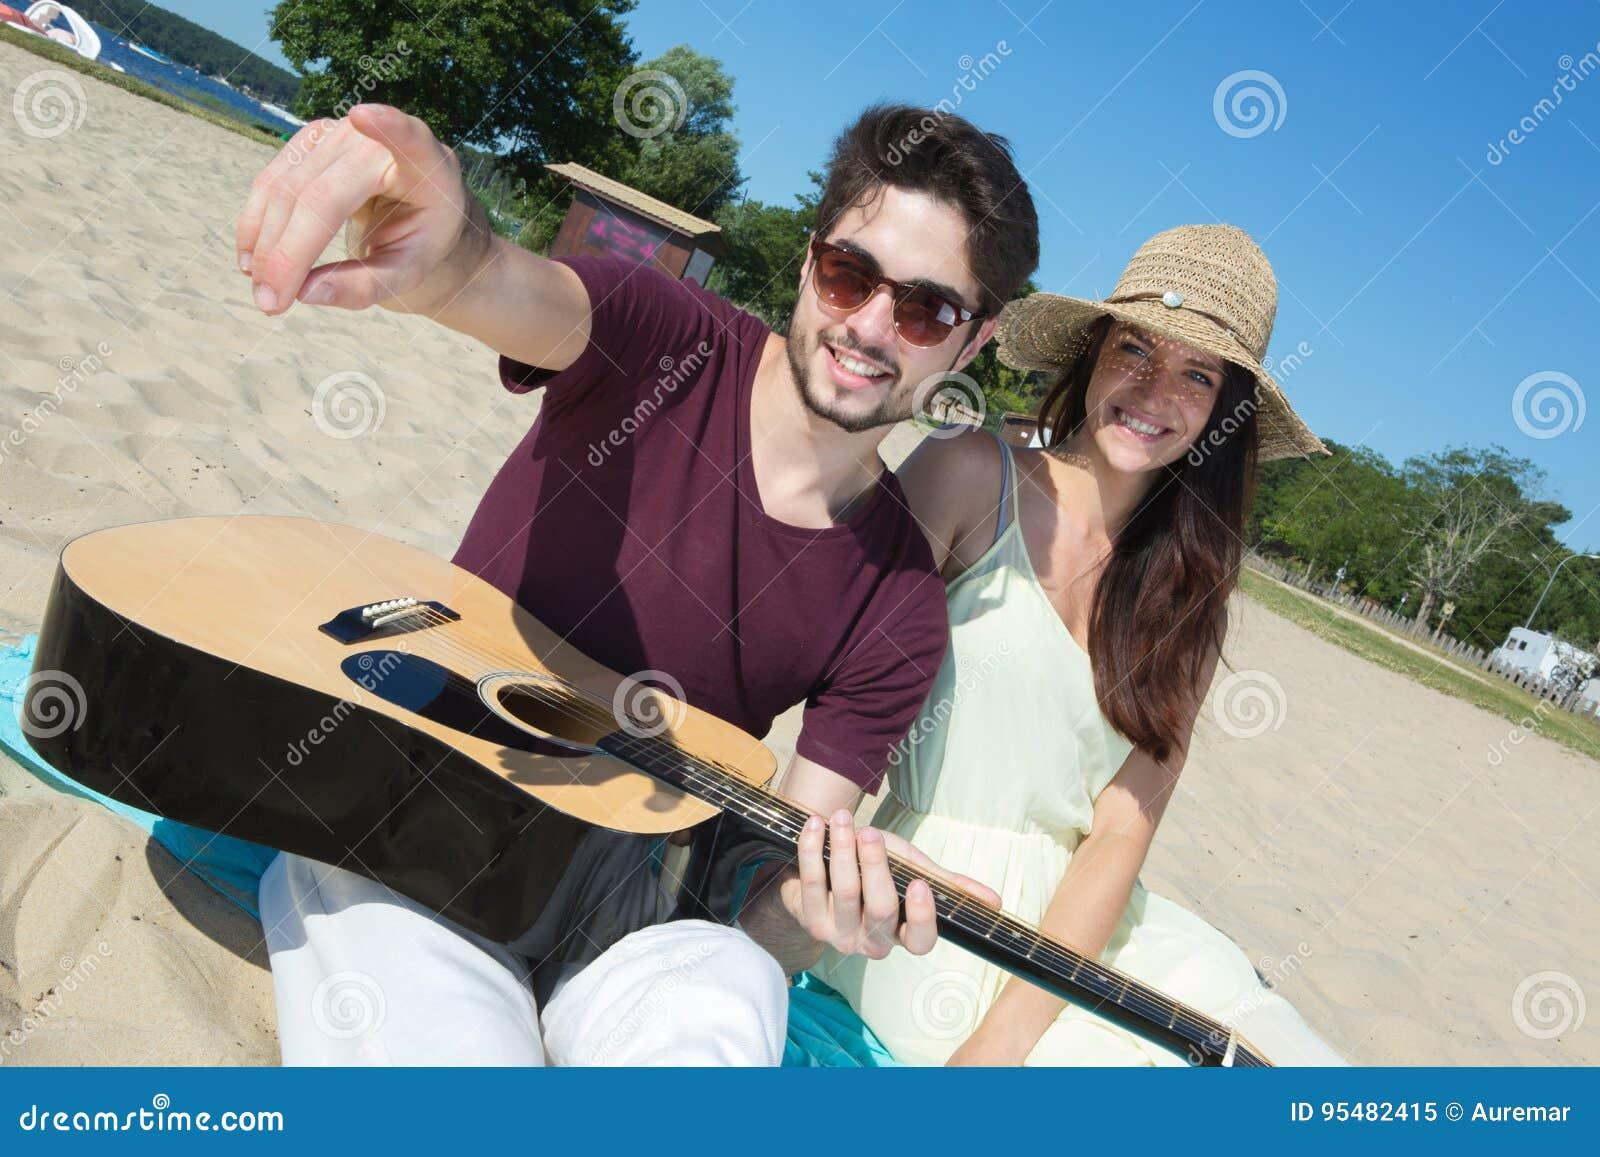 Młody człowiek z gitarą i dziewczyną na plaży